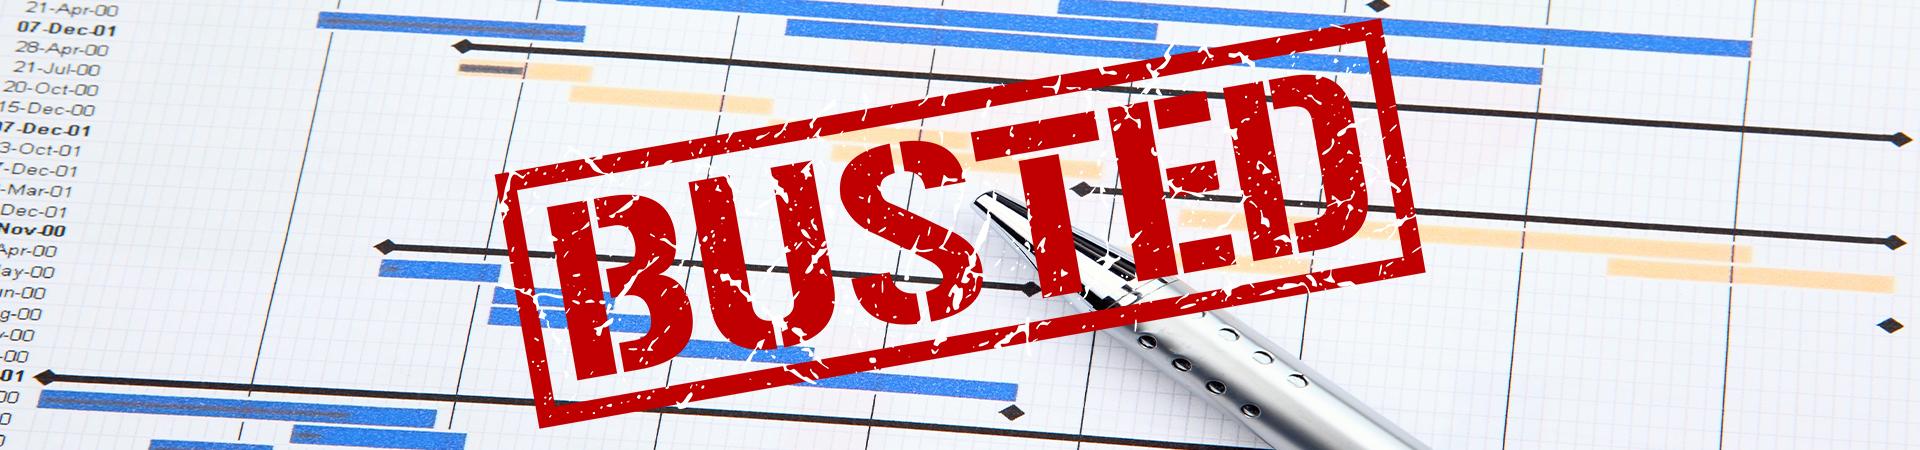 Blogpost ERP myths Busted